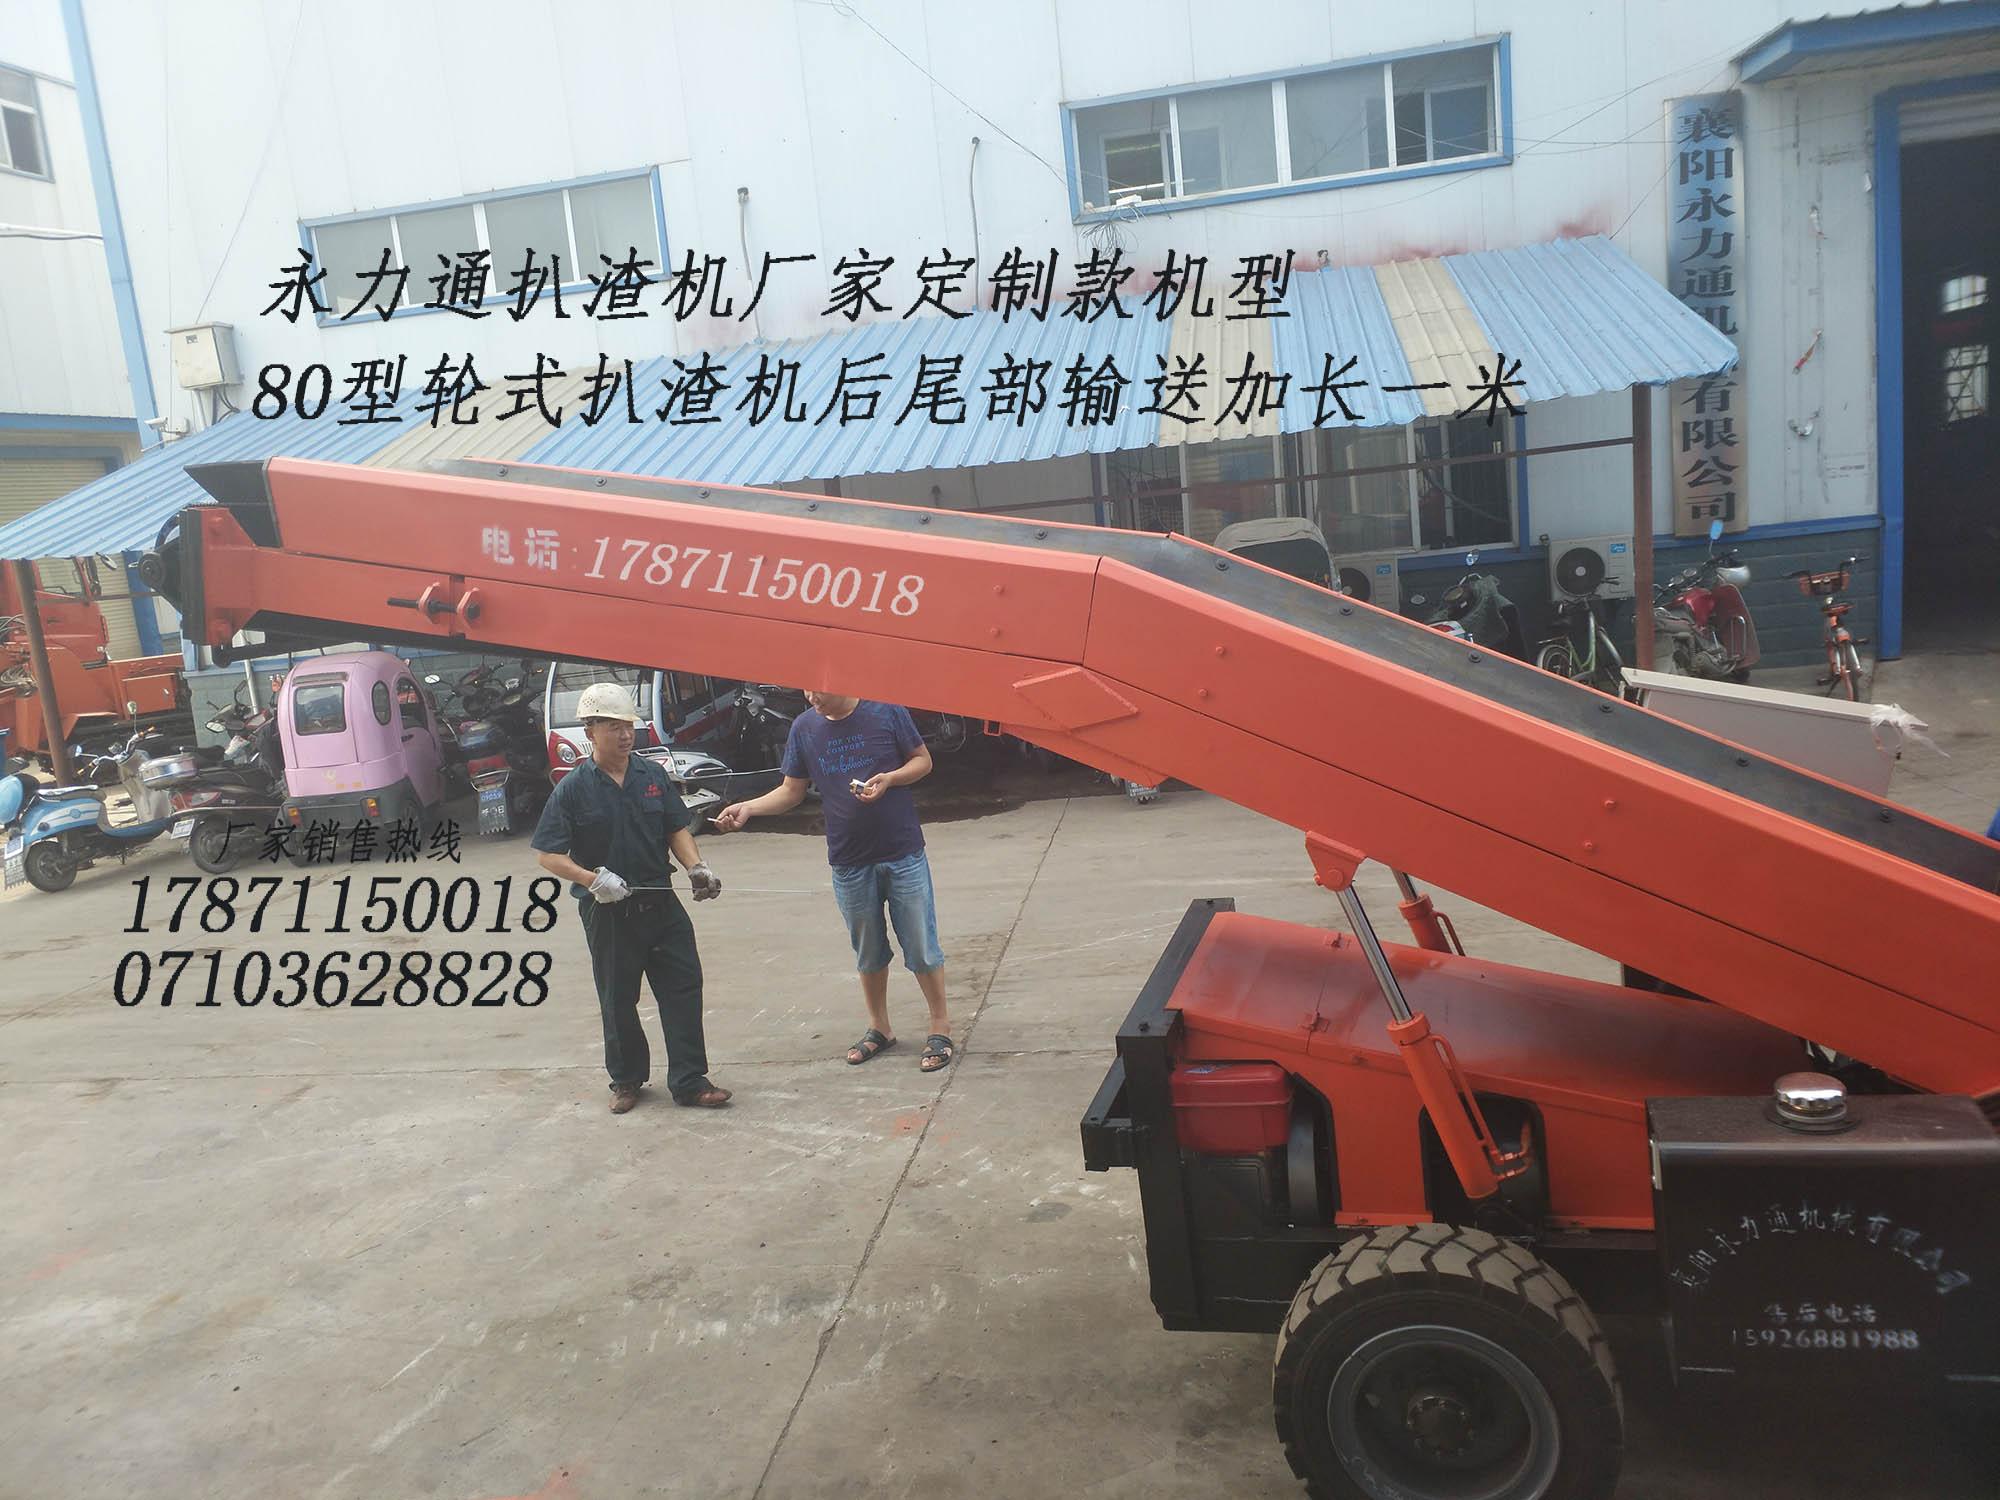 永力通扒渣机厂家按客户要求定做一台后尾部输送加长一米的80型轮式扒渣机